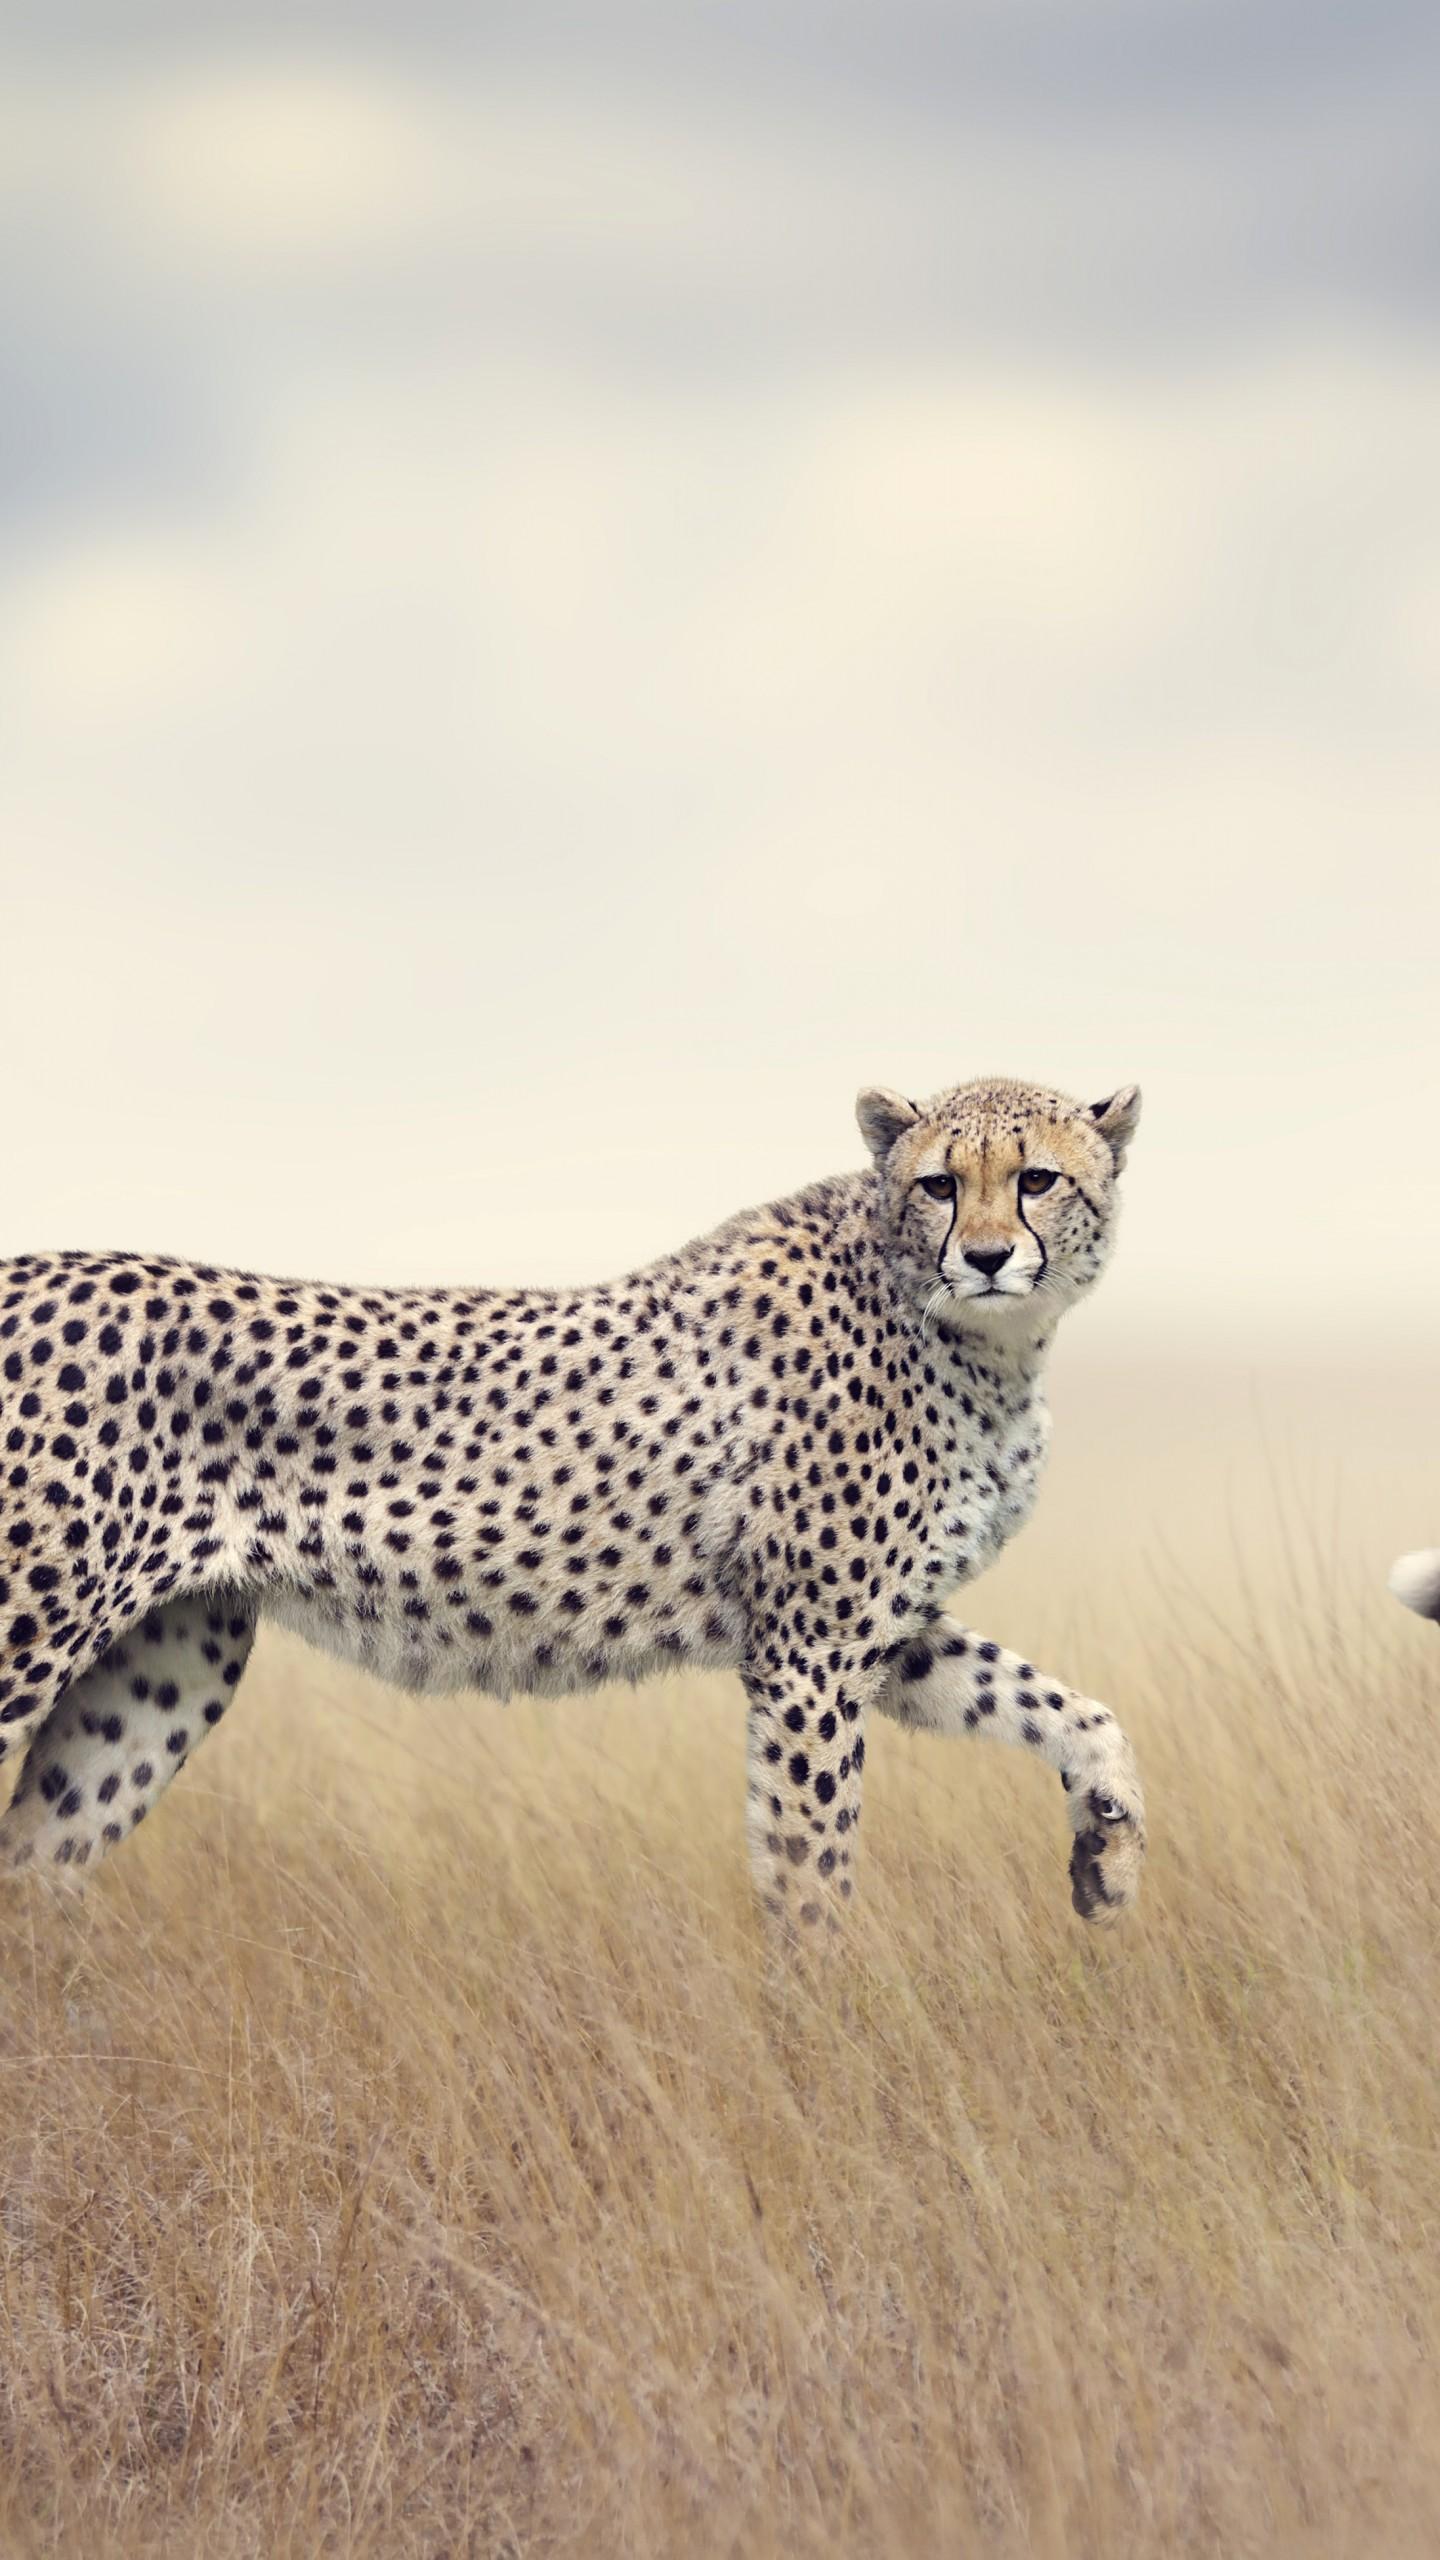 عکس زمینه یوزپلنگ وحشی در حال راه رفتن پس زمینه